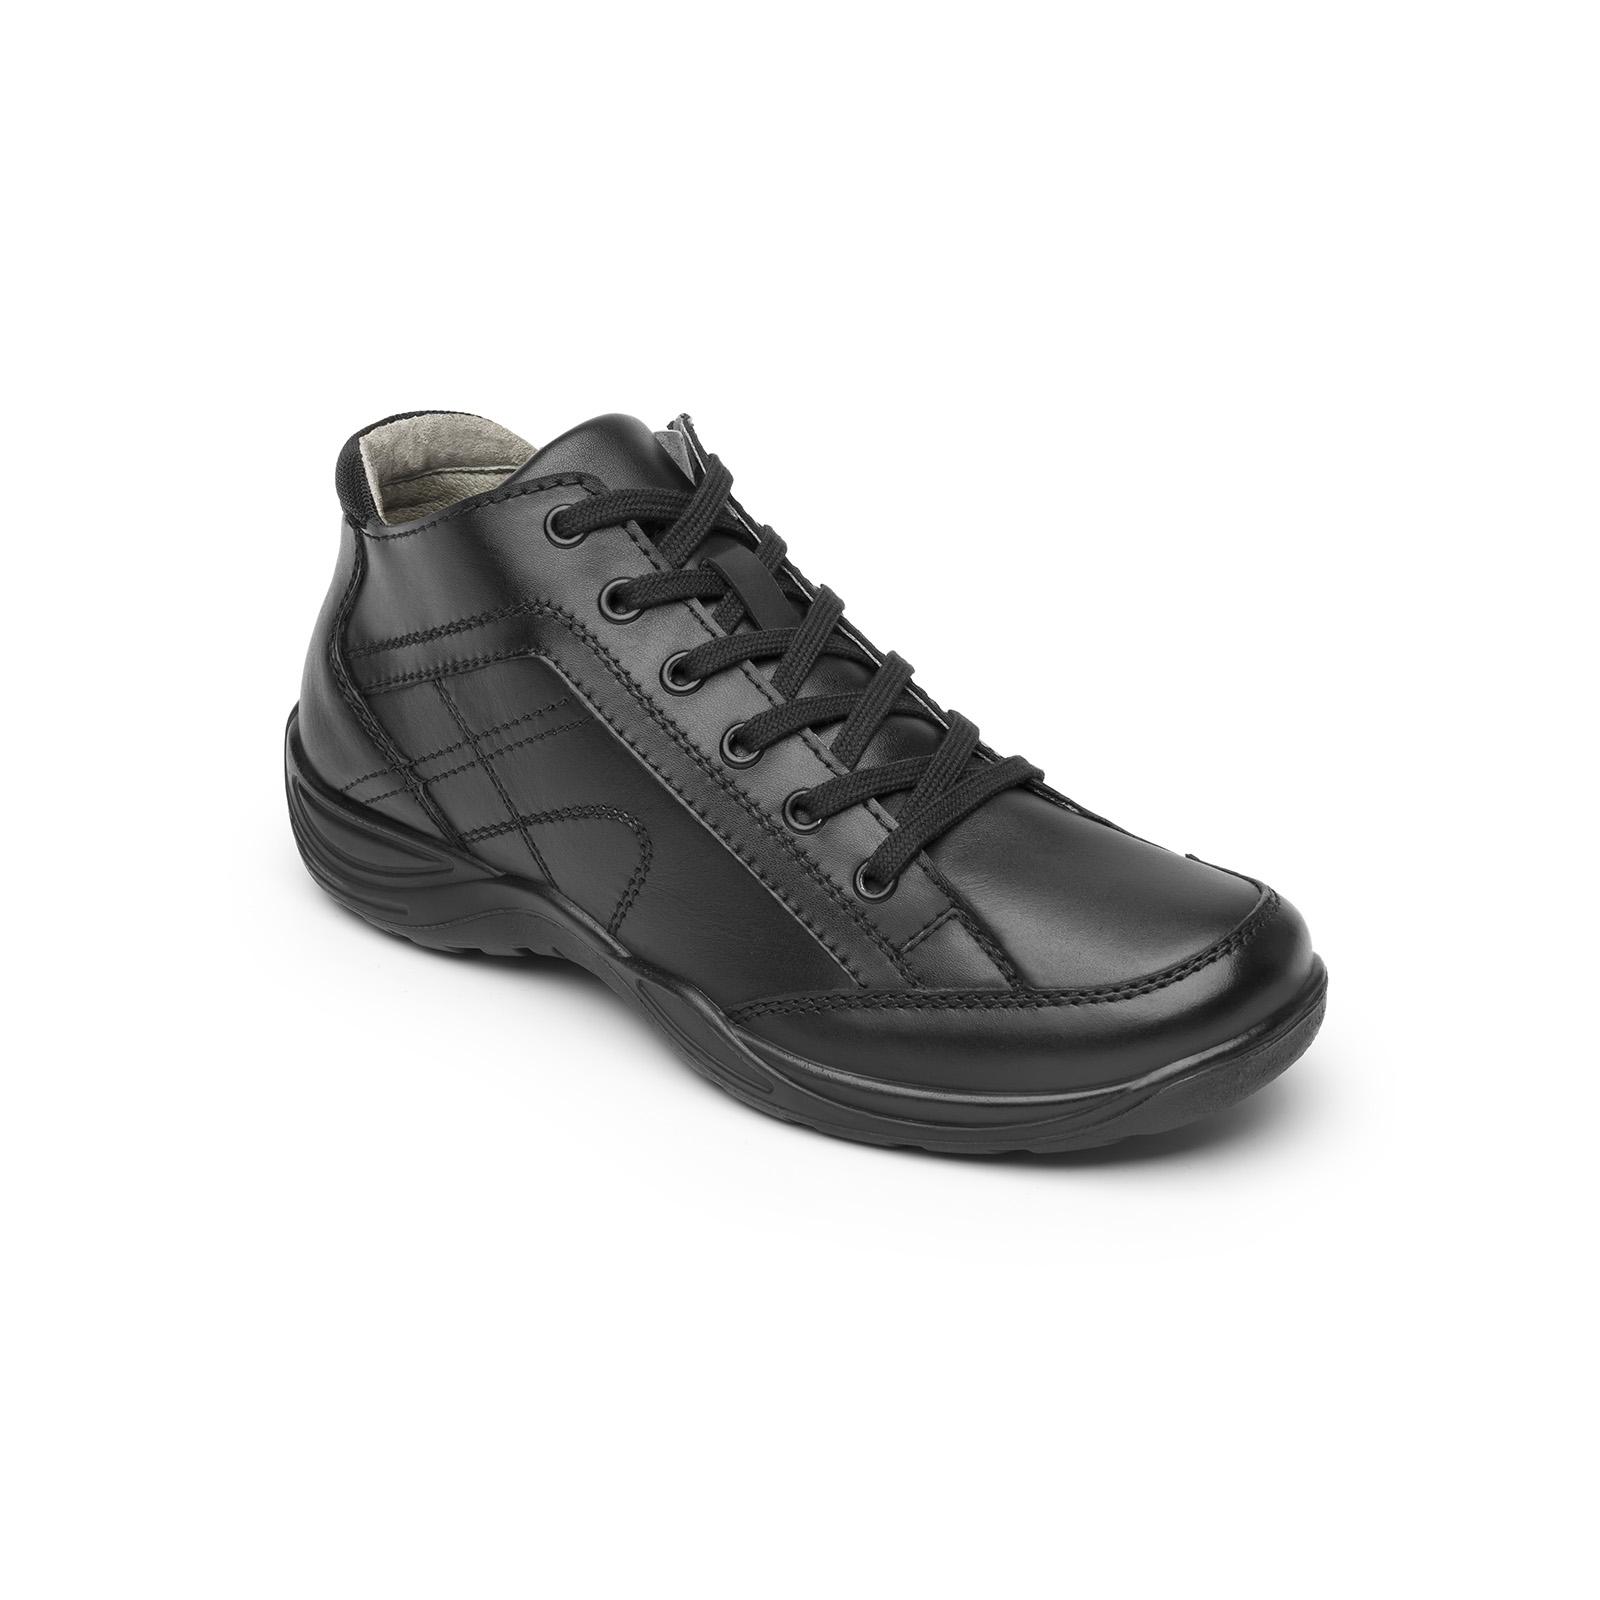 628eabdd5f Zapatos escolares para niño - Zapaterías Flexi México